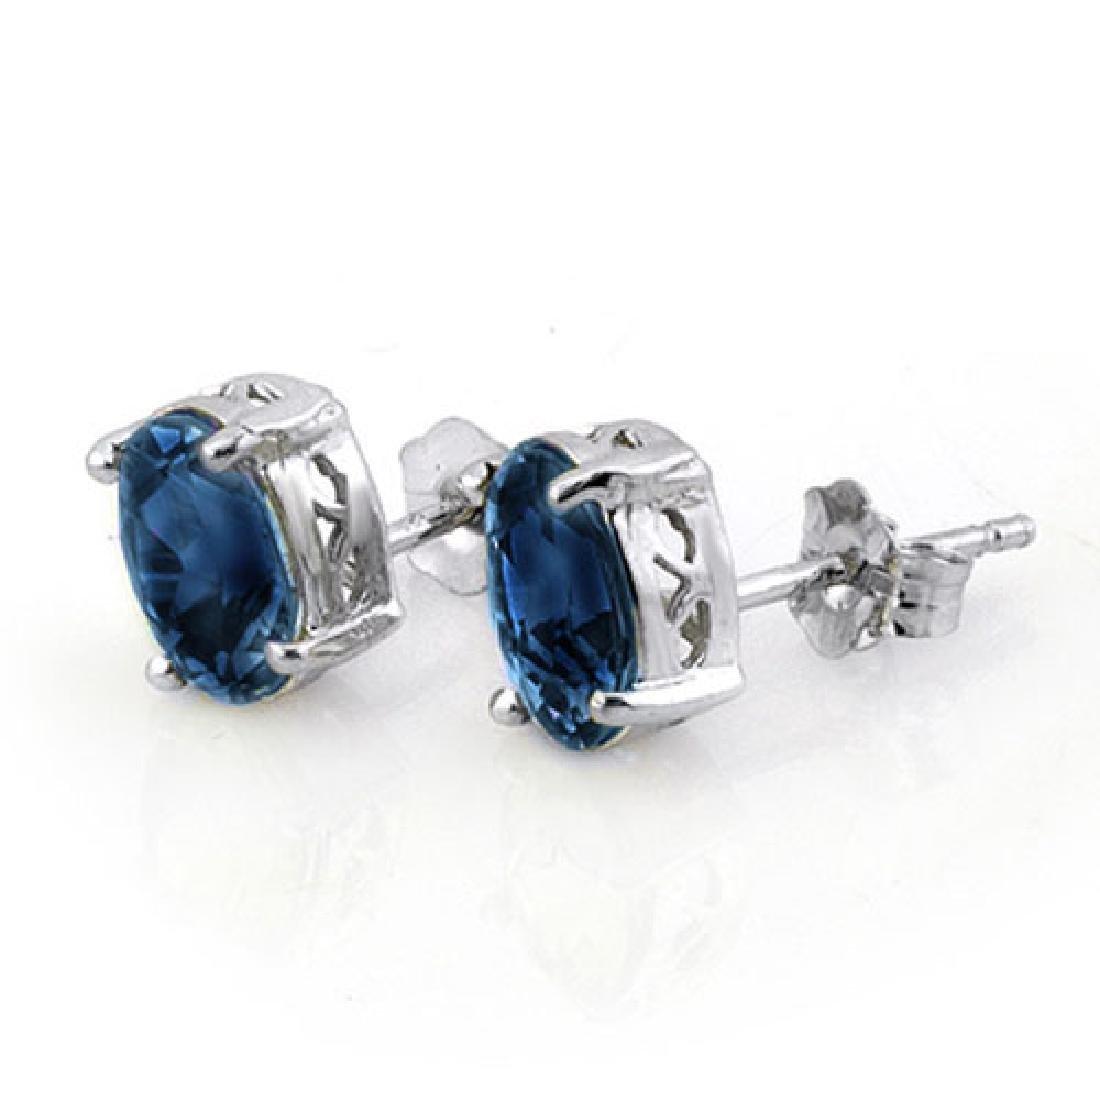 3.0 CTW Blue Sapphire Earrings 14K White Gold